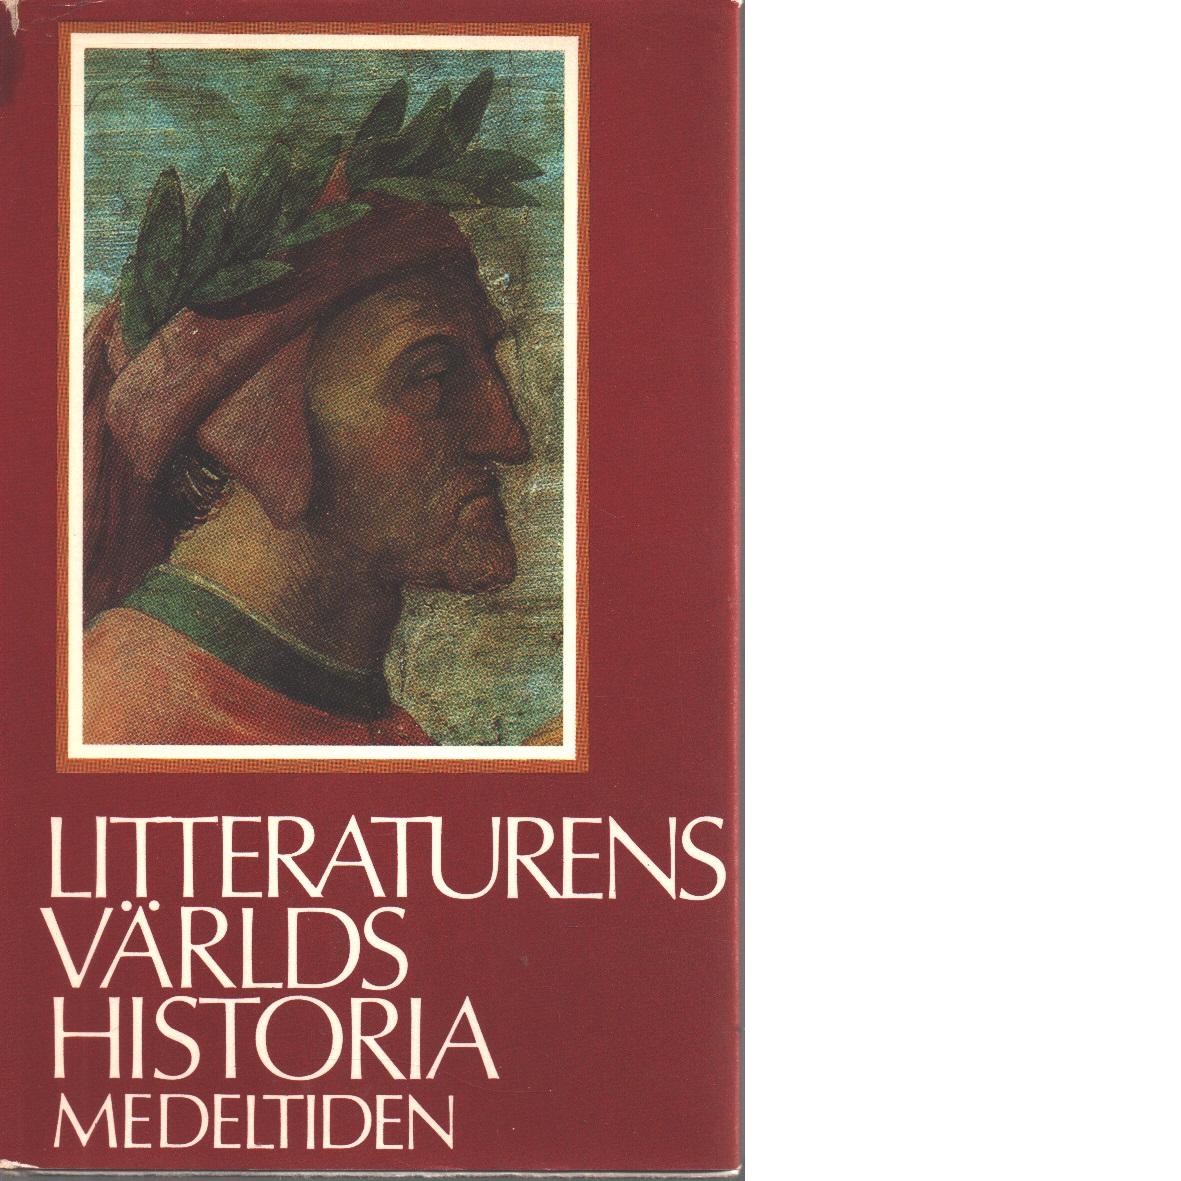 Litteraturens världshistoria [Bd 2] Medeltiden - Red.